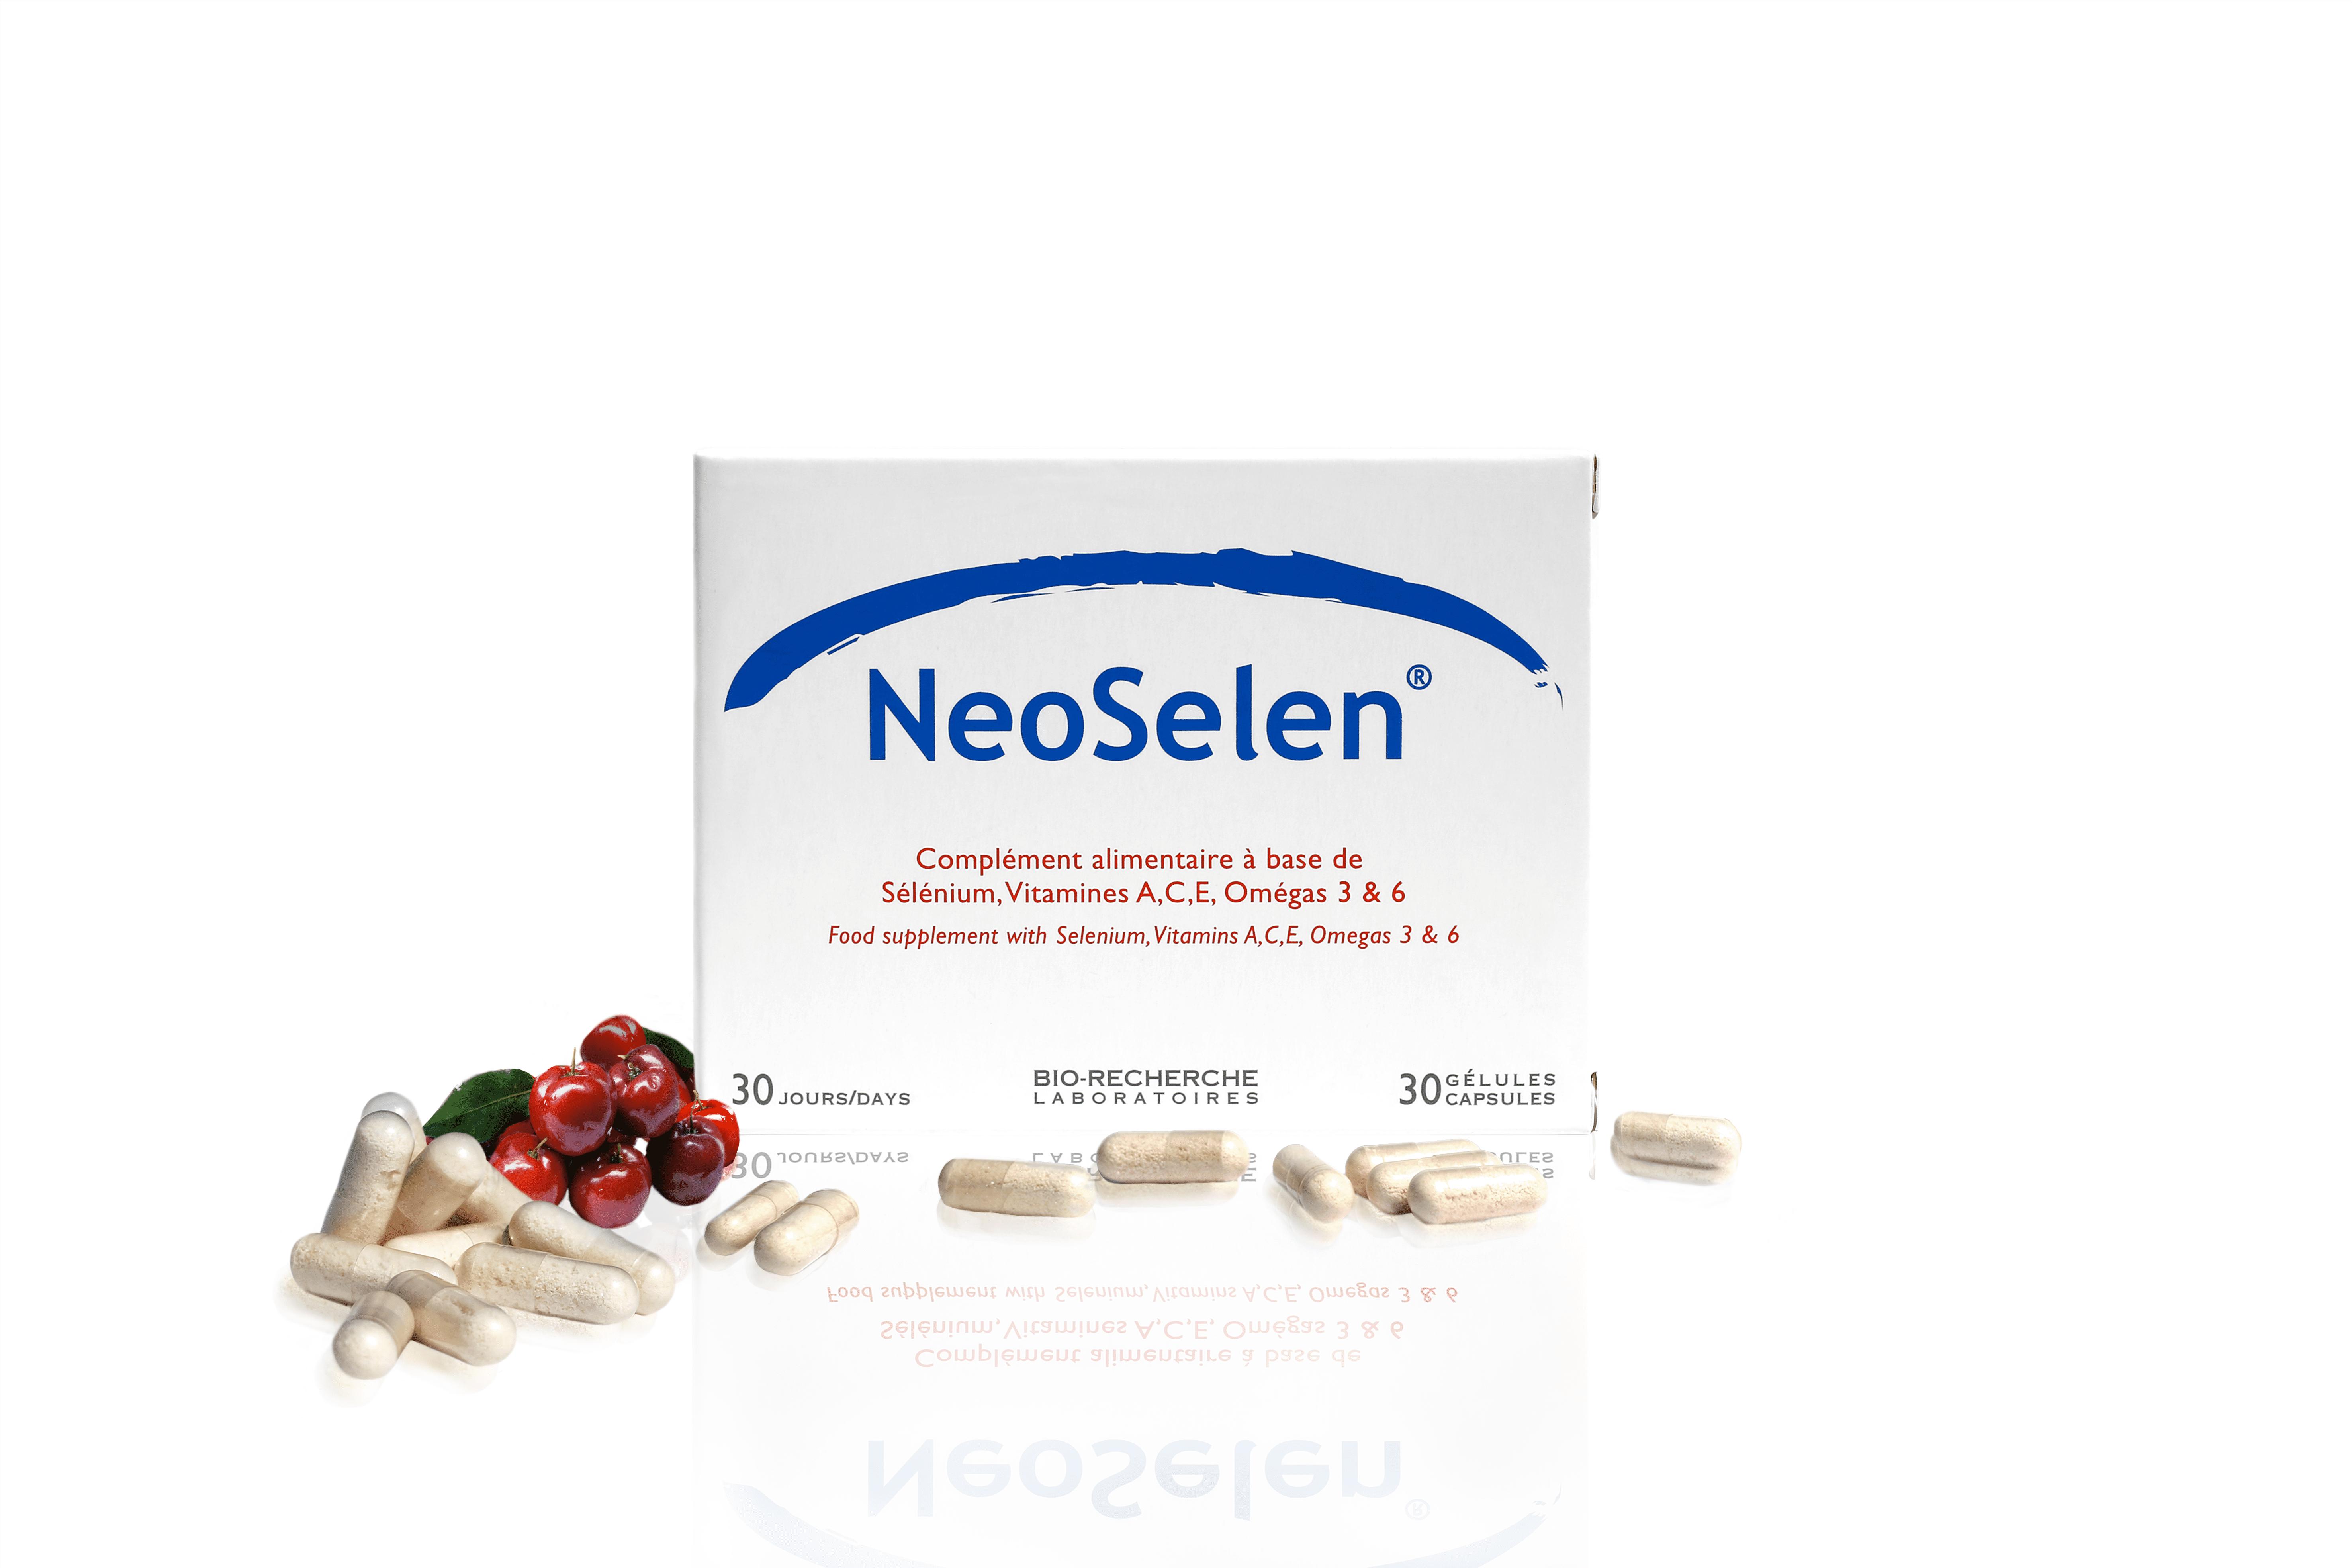 Neoselen_Laboratoires Bio-Recherche_Partenariat Nahibu copie